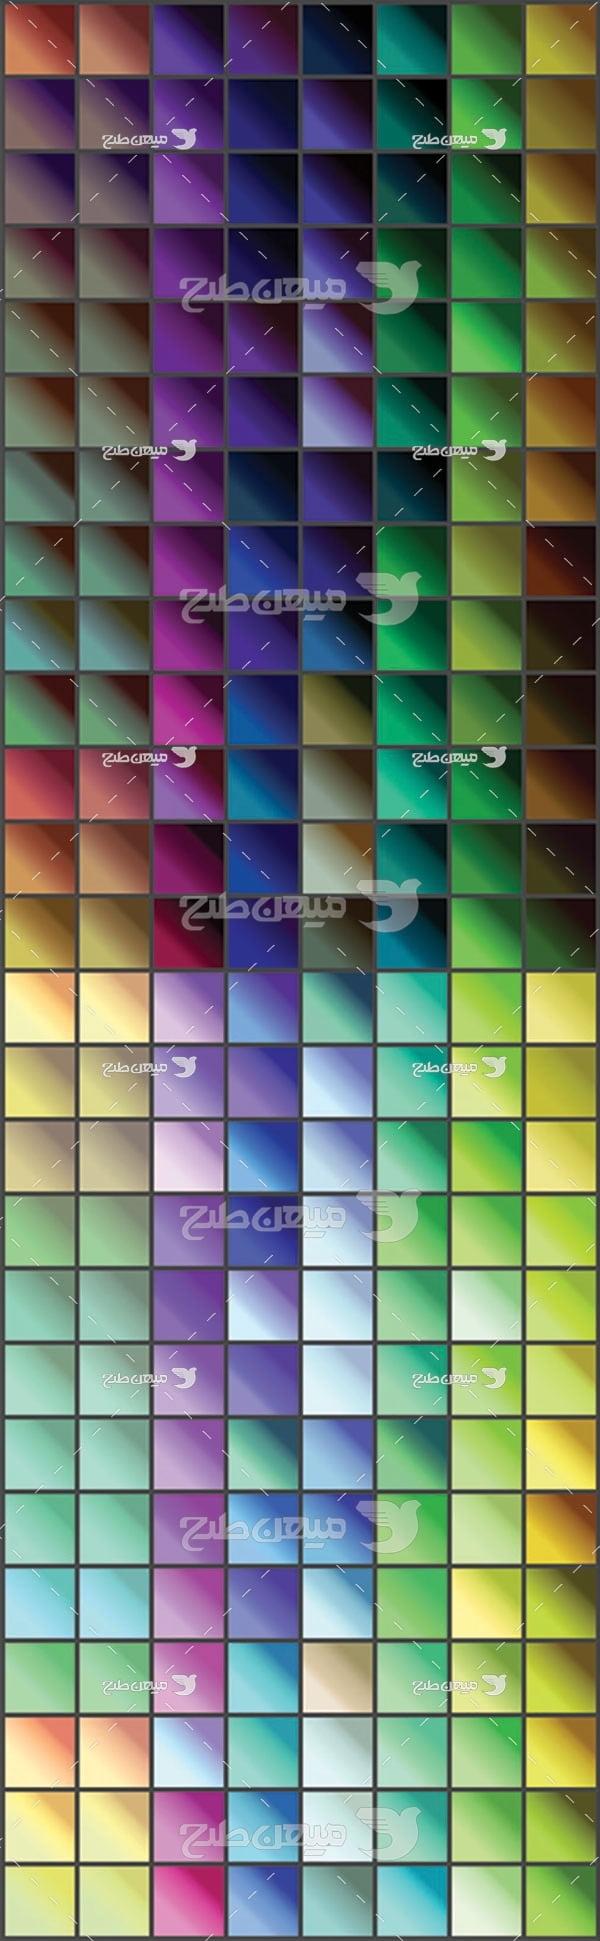 مجموعه ابزارهای فتوشاپ گرادینت طیف رنگها مورب